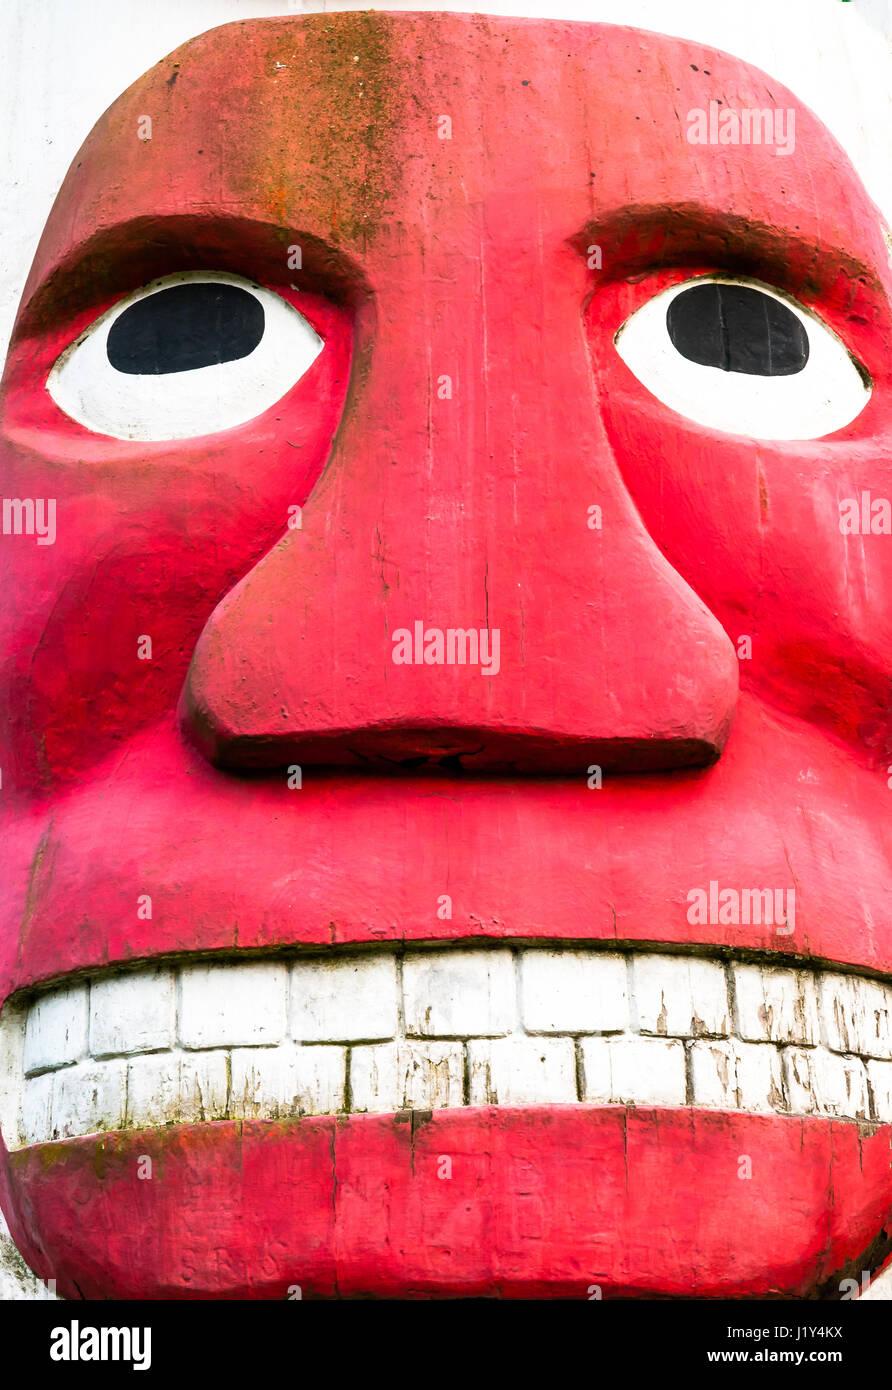 Detail of totem pole, close-up, Olympia, Washington, USA - Stock Image